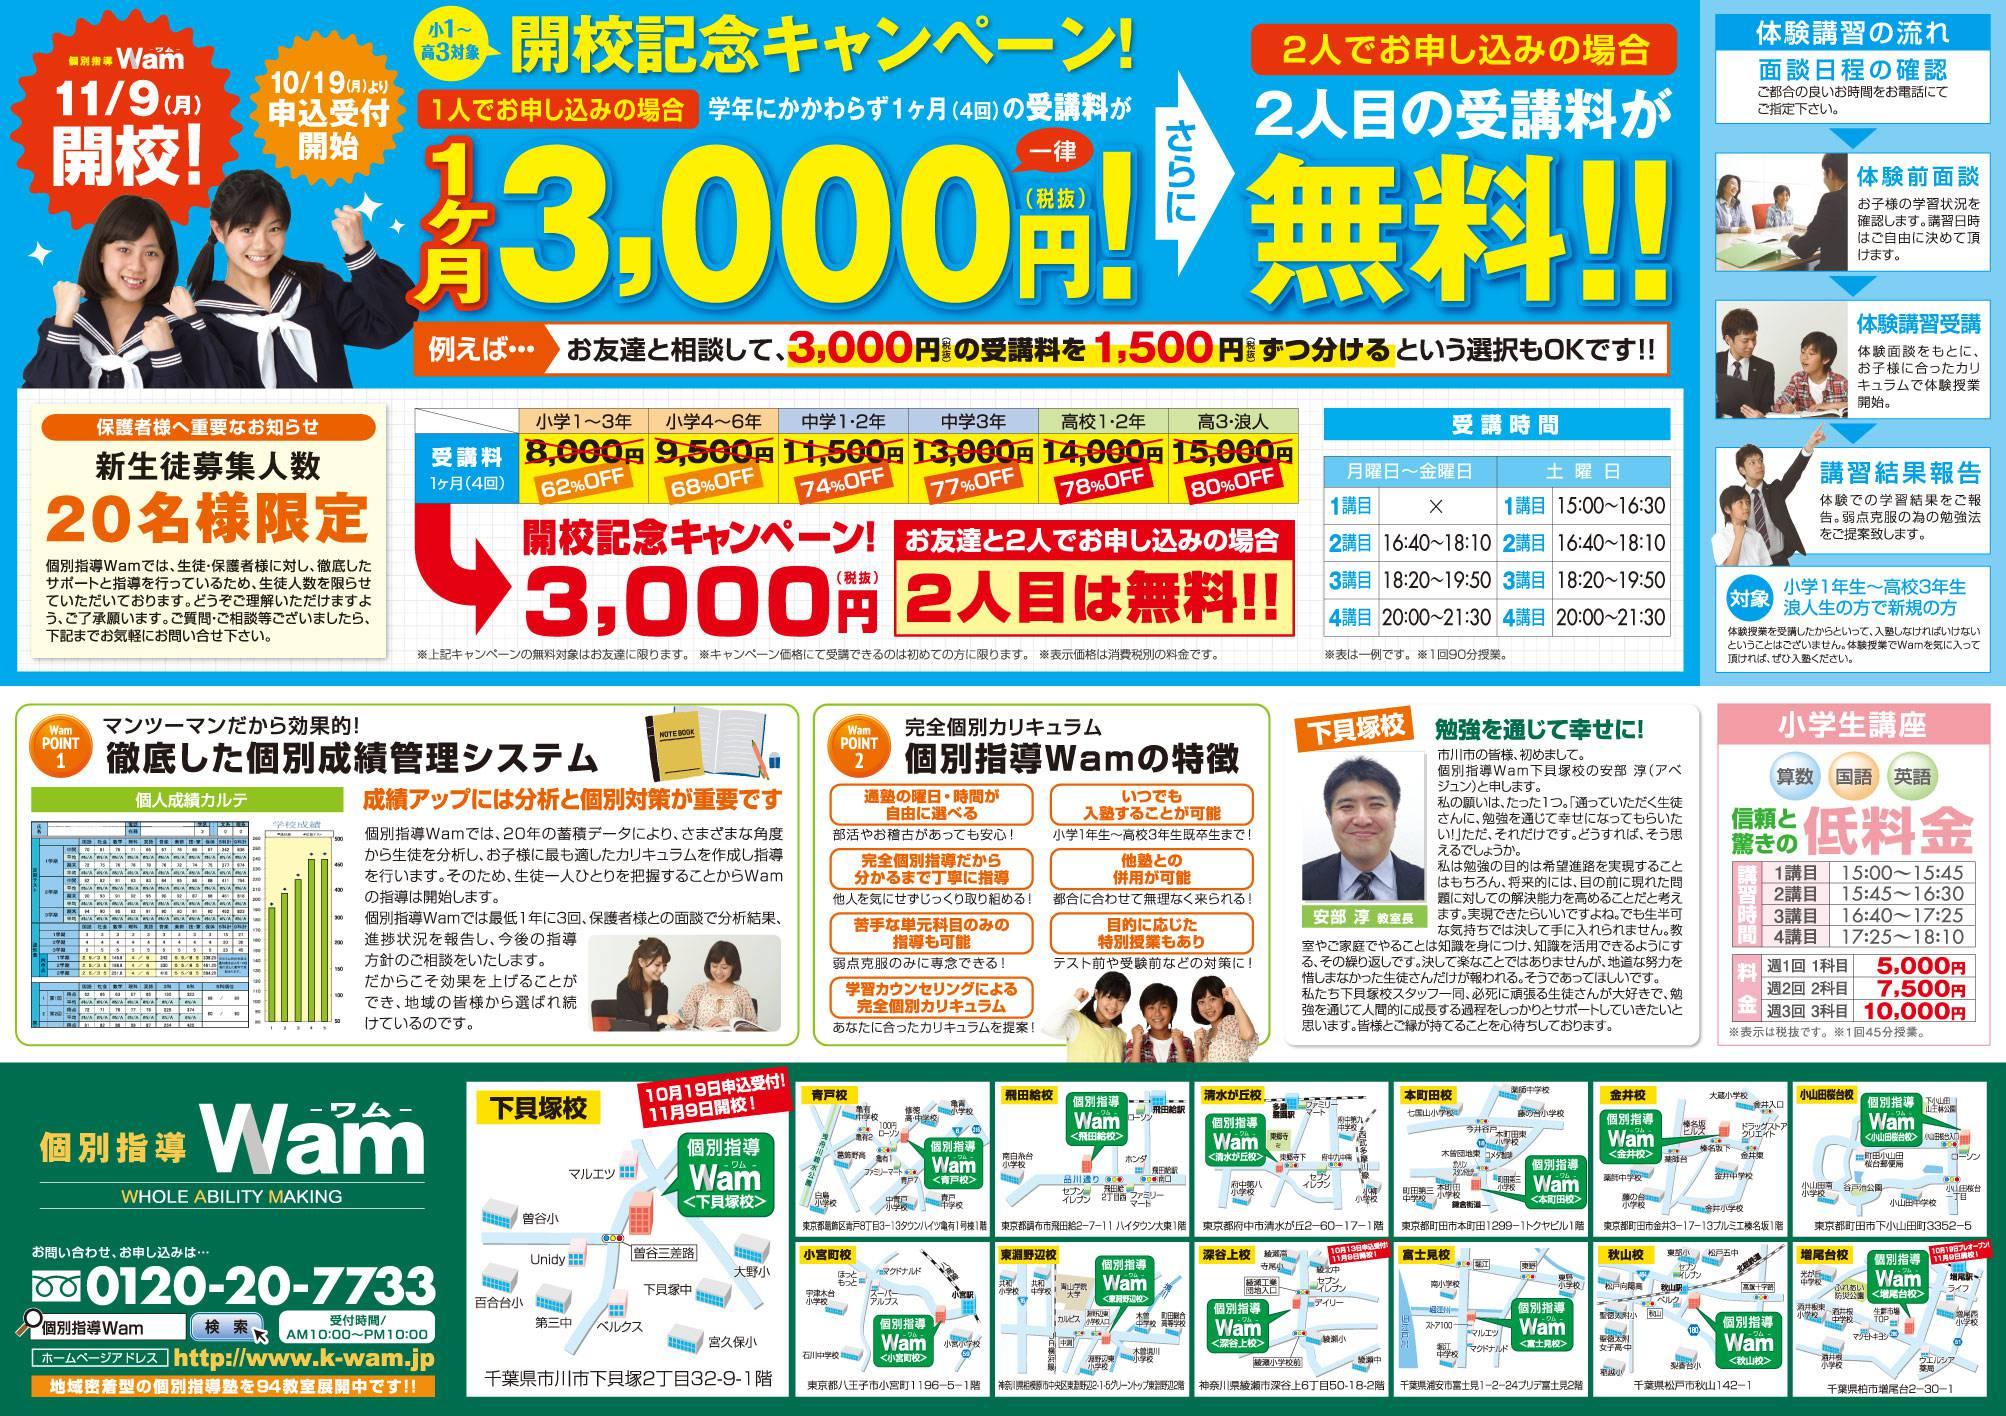 下貝塚校 2015年11月9日(月) オープン・ウラ面